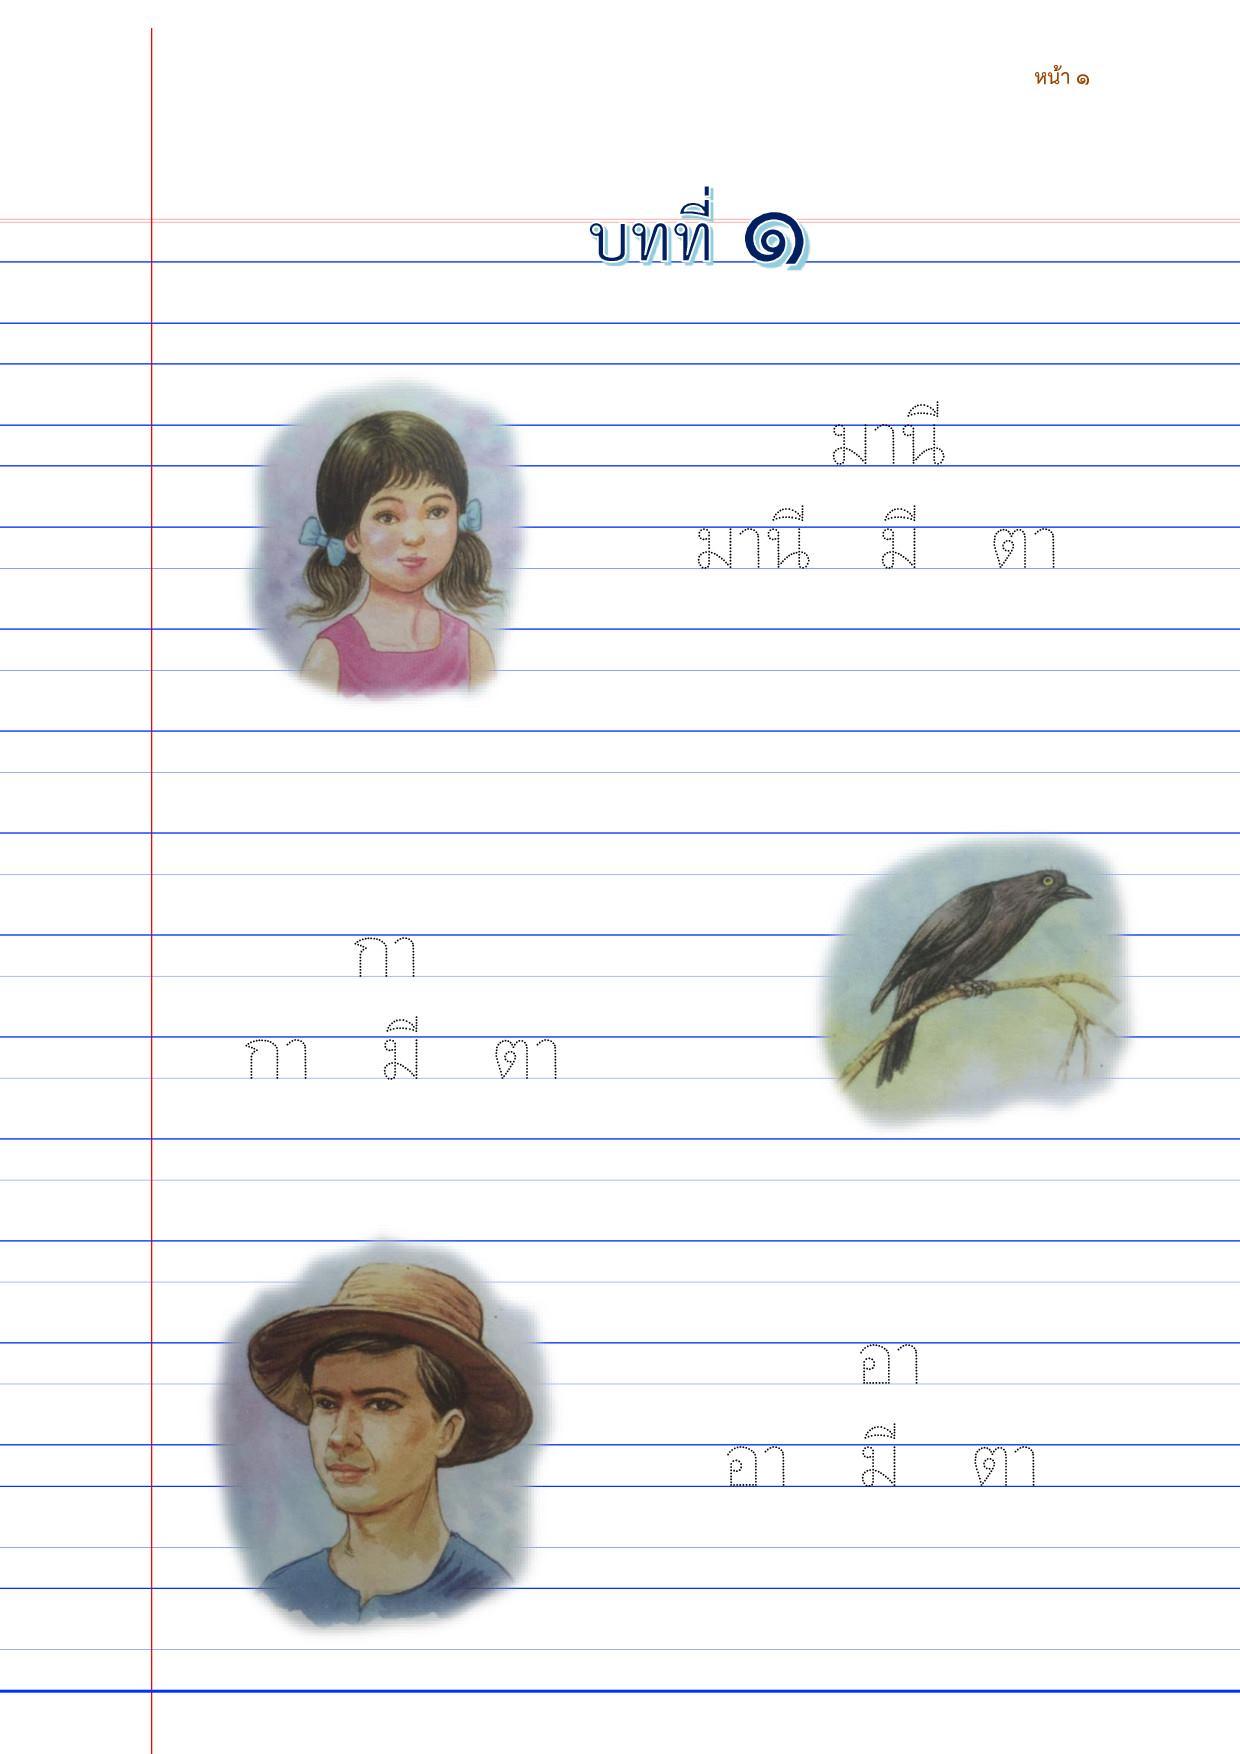 ดาวน์โหลดฟรี!! แบบฝึกพัฒนาทักษะการเขียน การอ่าน (พัฒนาและแก้ไขจากหนังสืออ่านเพิ่มเติม มานะ มานี)